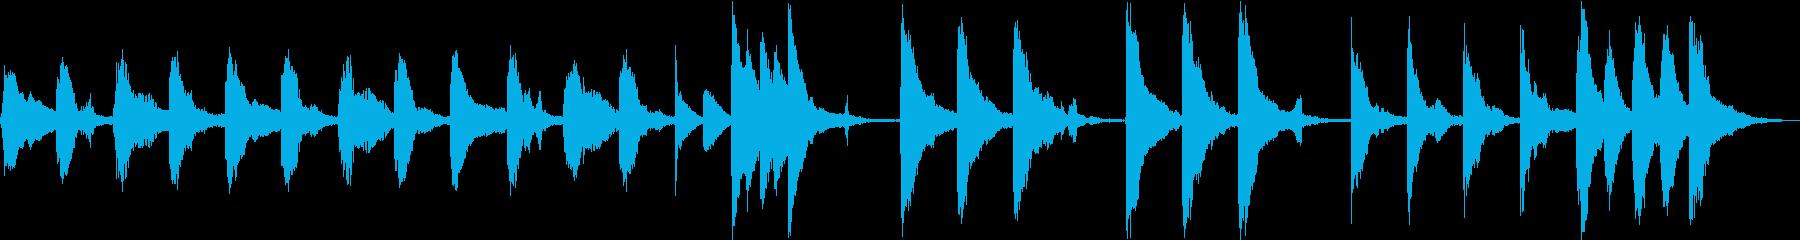 おとぼけ考え中&作業中ジングル。ループ可の再生済みの波形